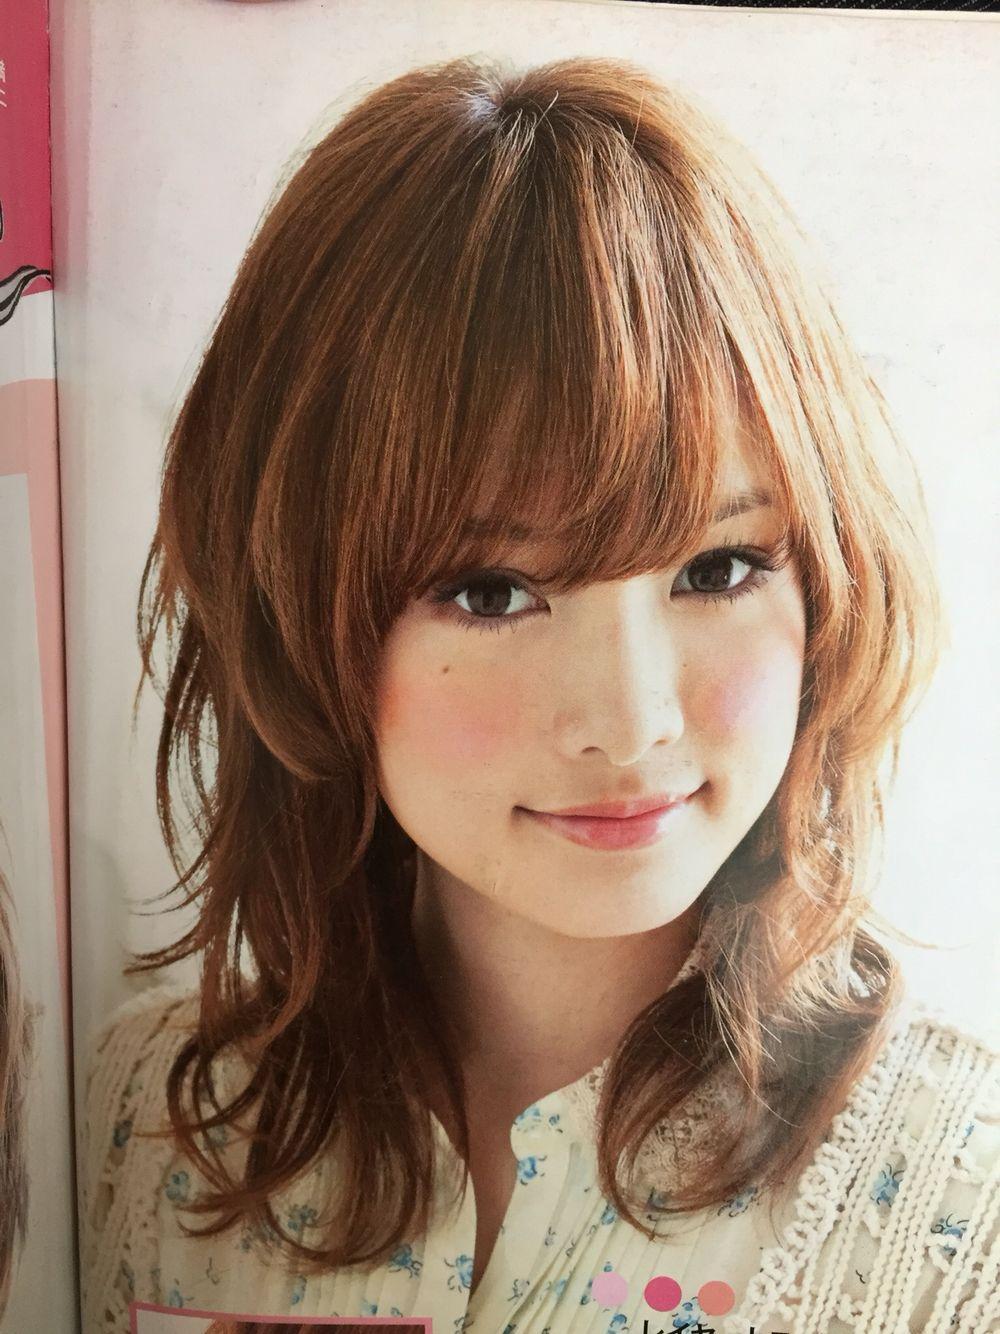 ミディアムウルフ 梨花 髪型 ウルフ カット ミディアム 髪型 40代